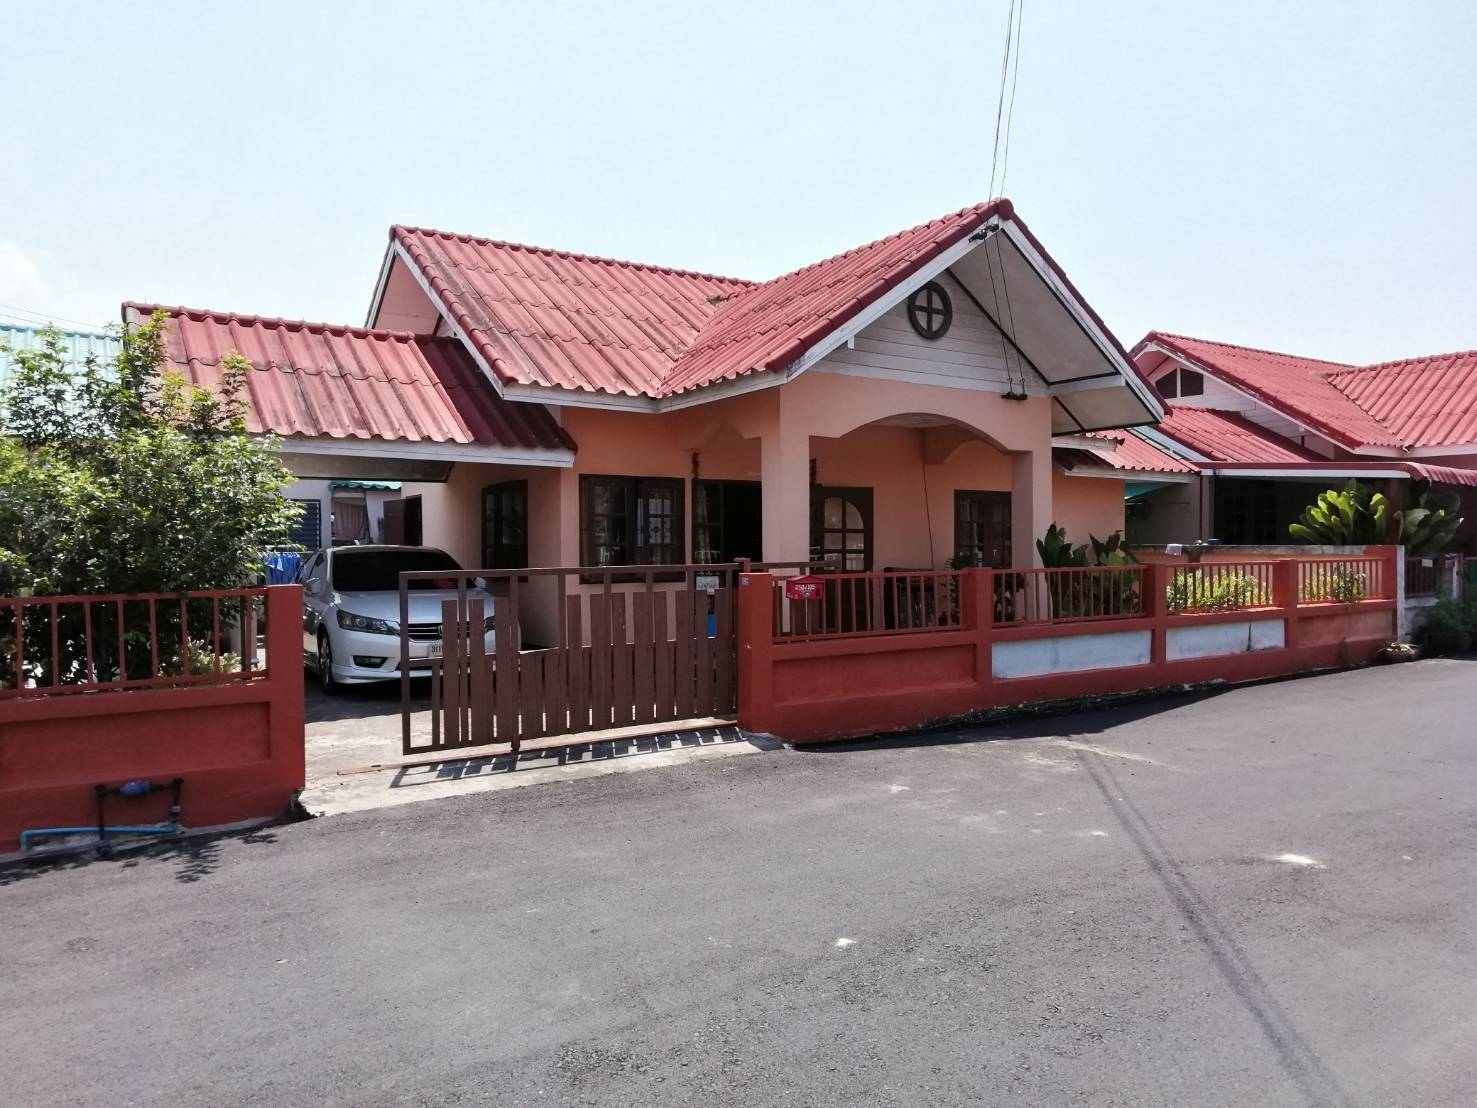 ภาพขายบ้าน หมู่บ้านเทพ ประทาน2 บ่อวิน ตกแต่งครบ ราคาไม่แพง เดินทางสะดวกสบาย โซนนิคมอมตะชิตี้